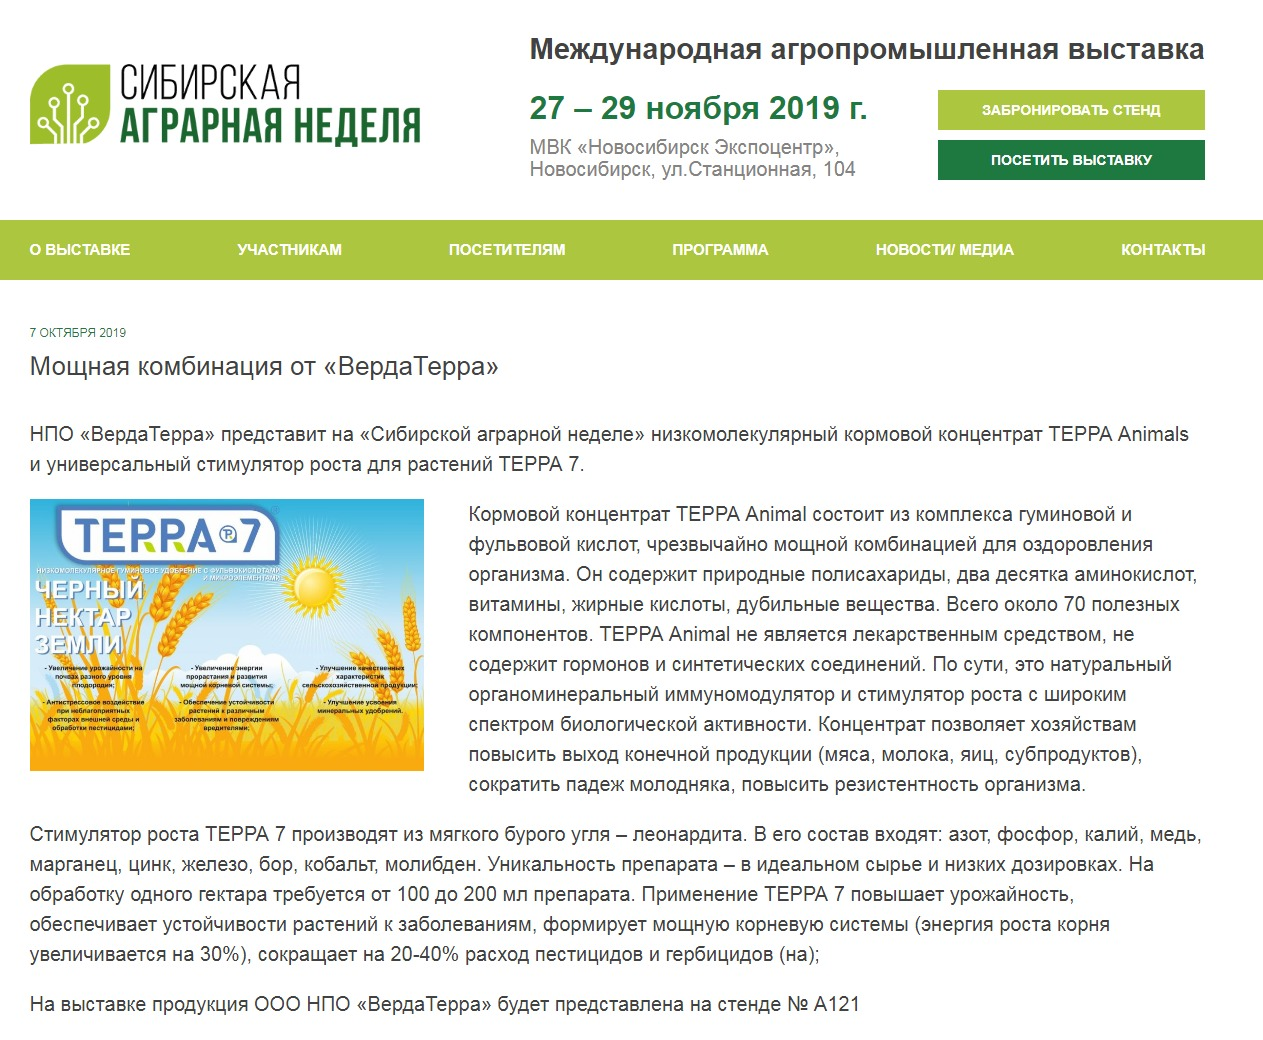 Сибирская аграрная неделя 27-29 ноября 2019